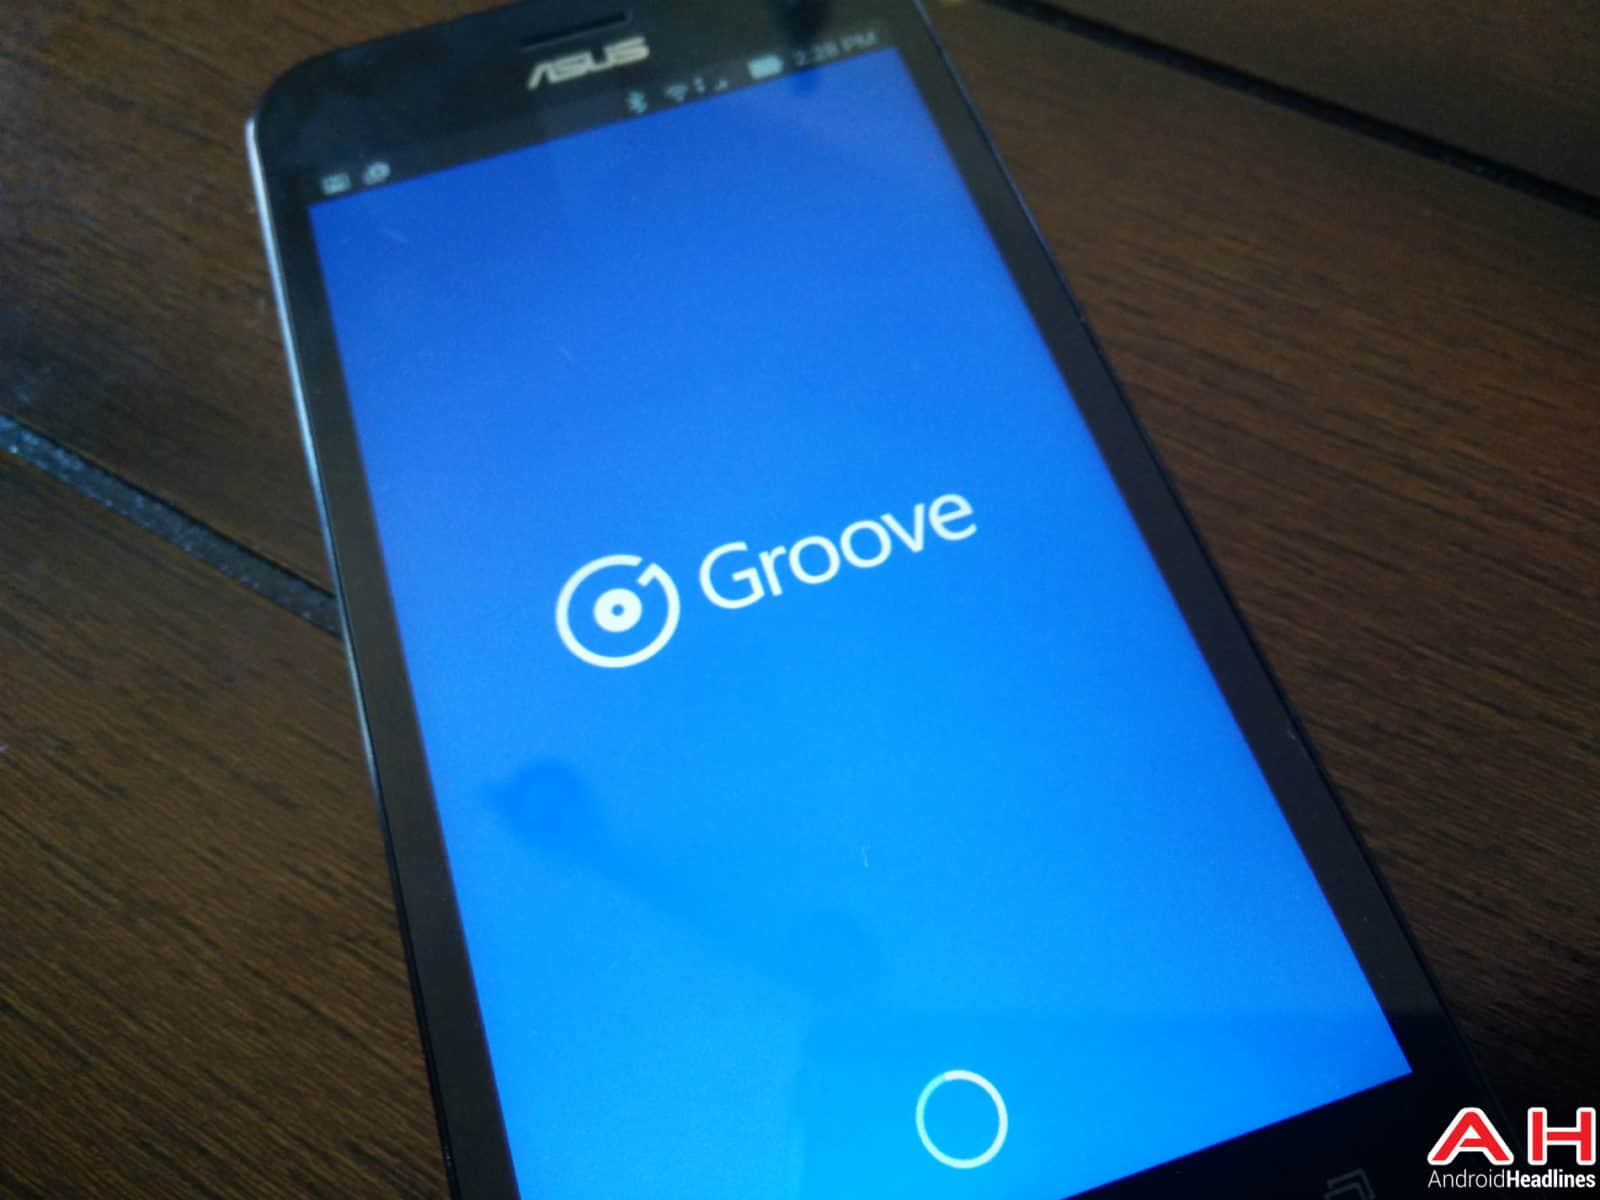 Groove App AH